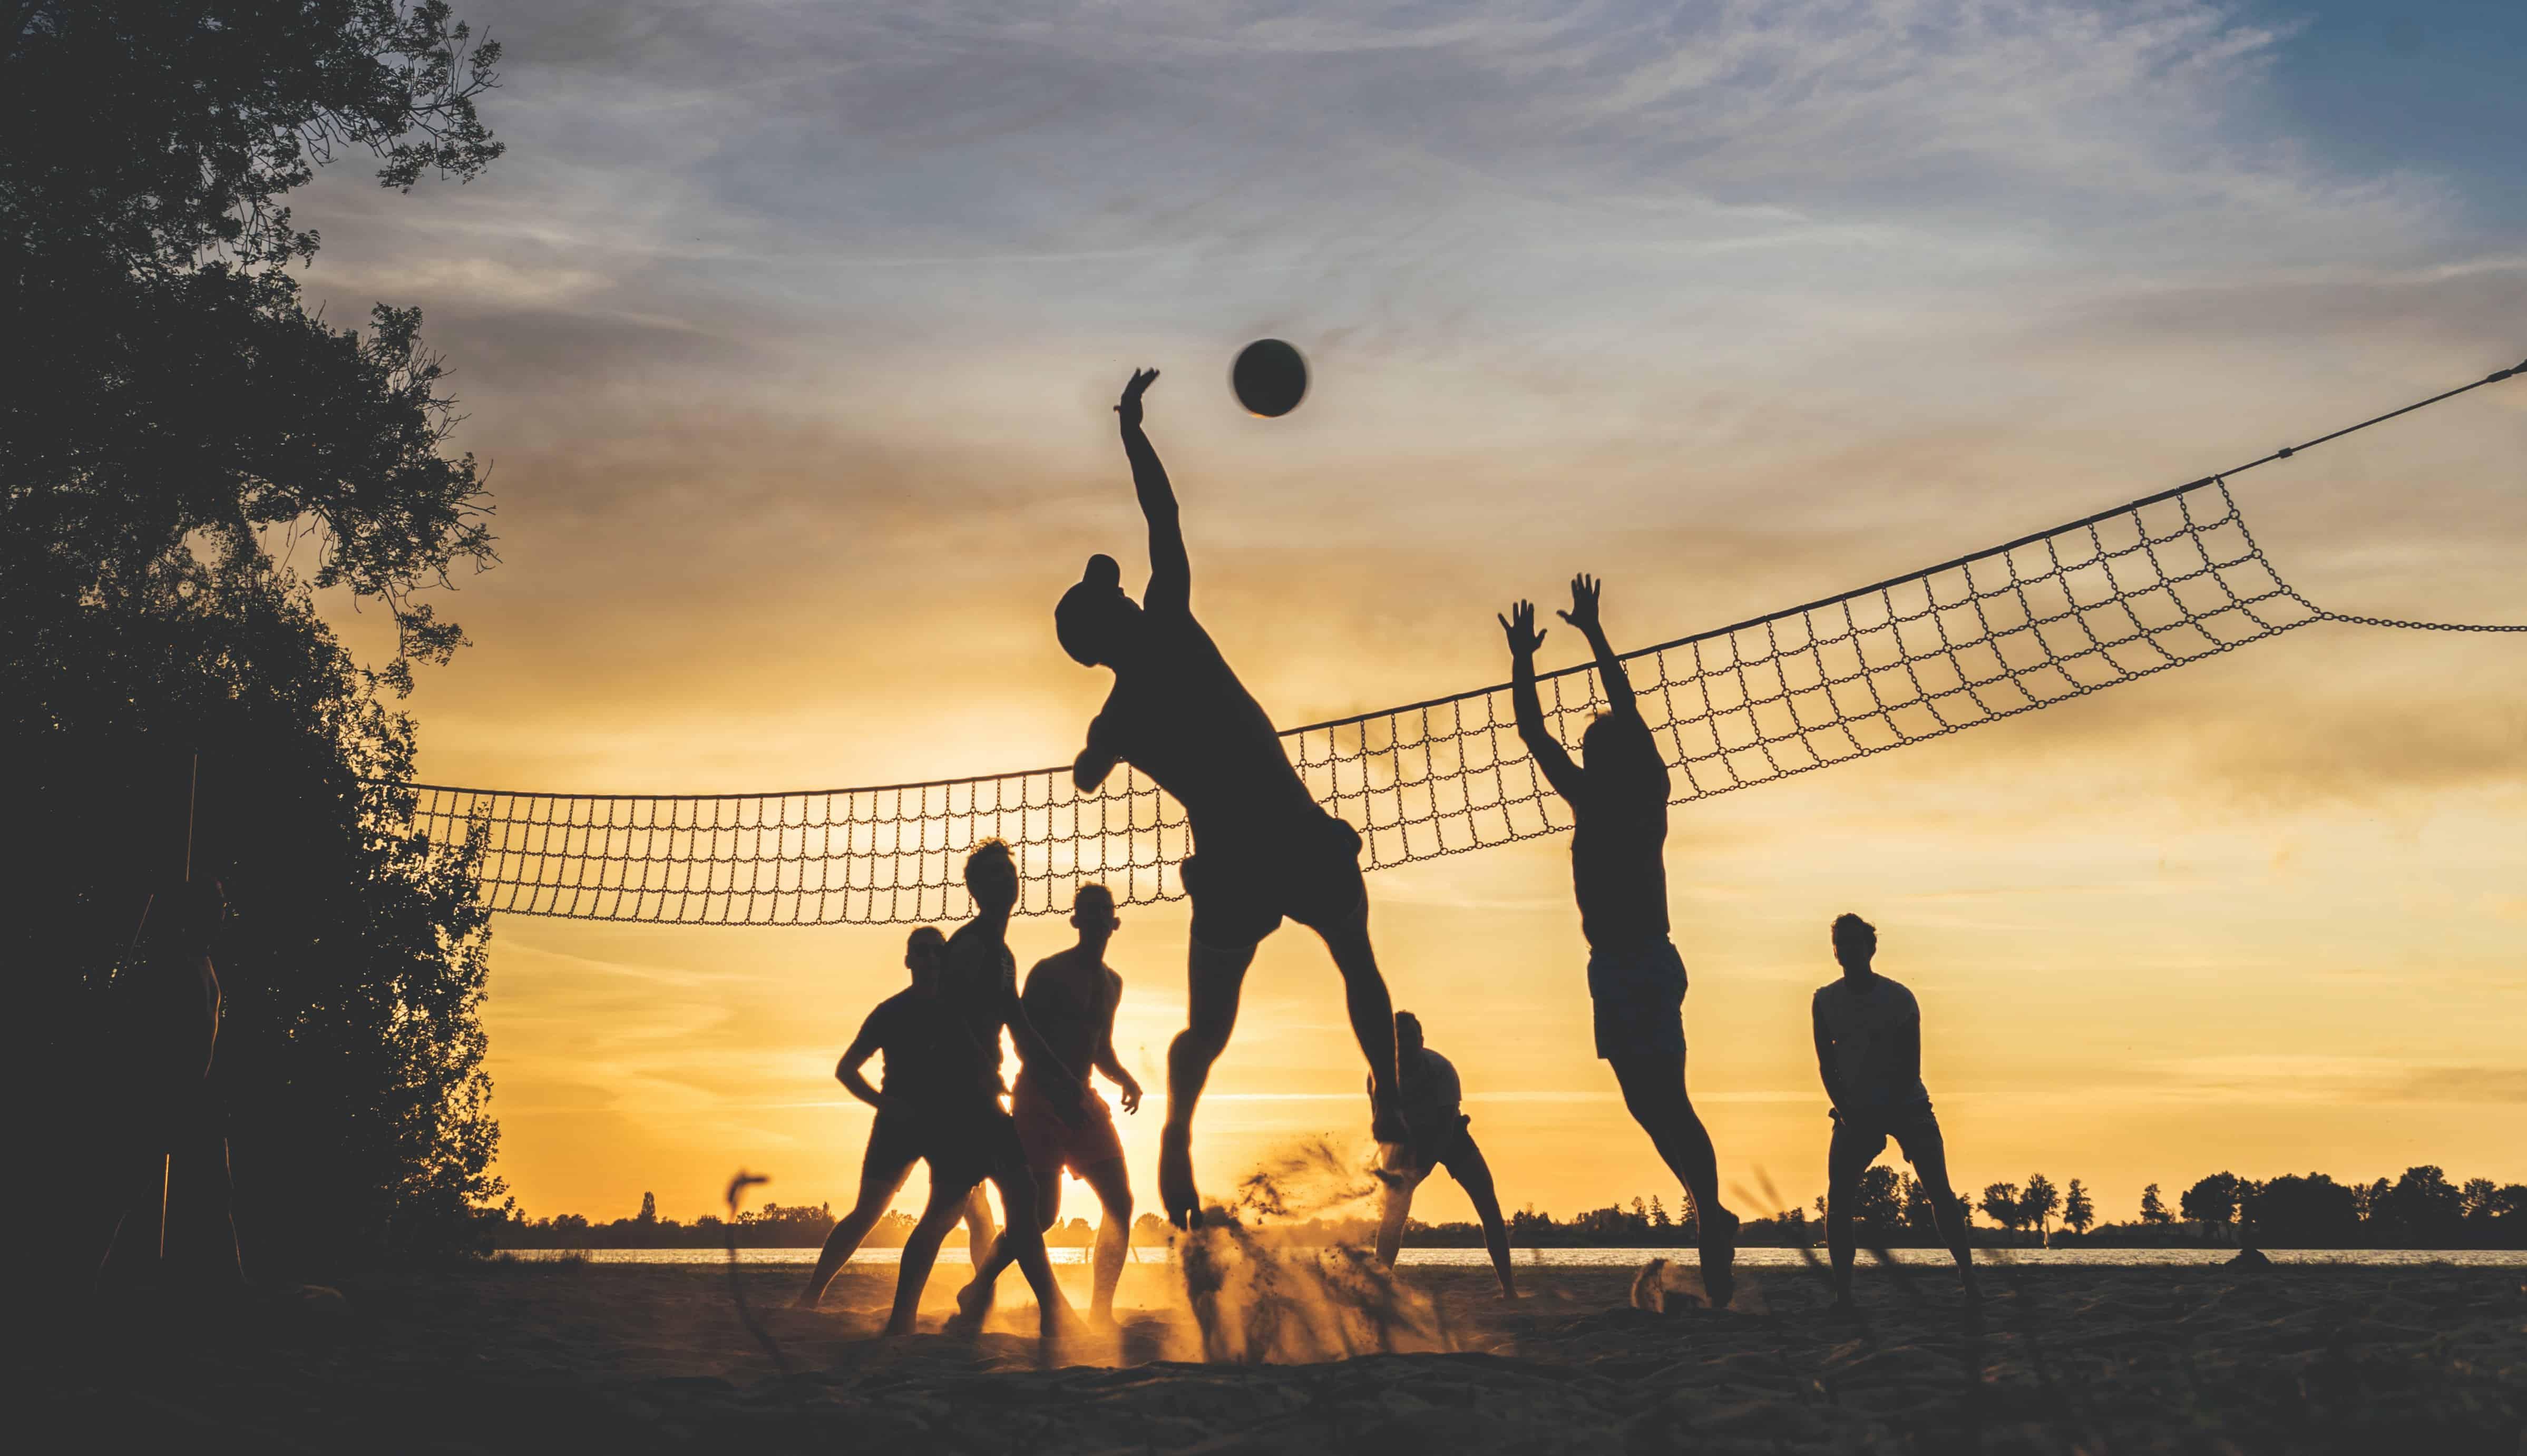 Wann sollte ich beim Sport Sonnenschutz auftragen?